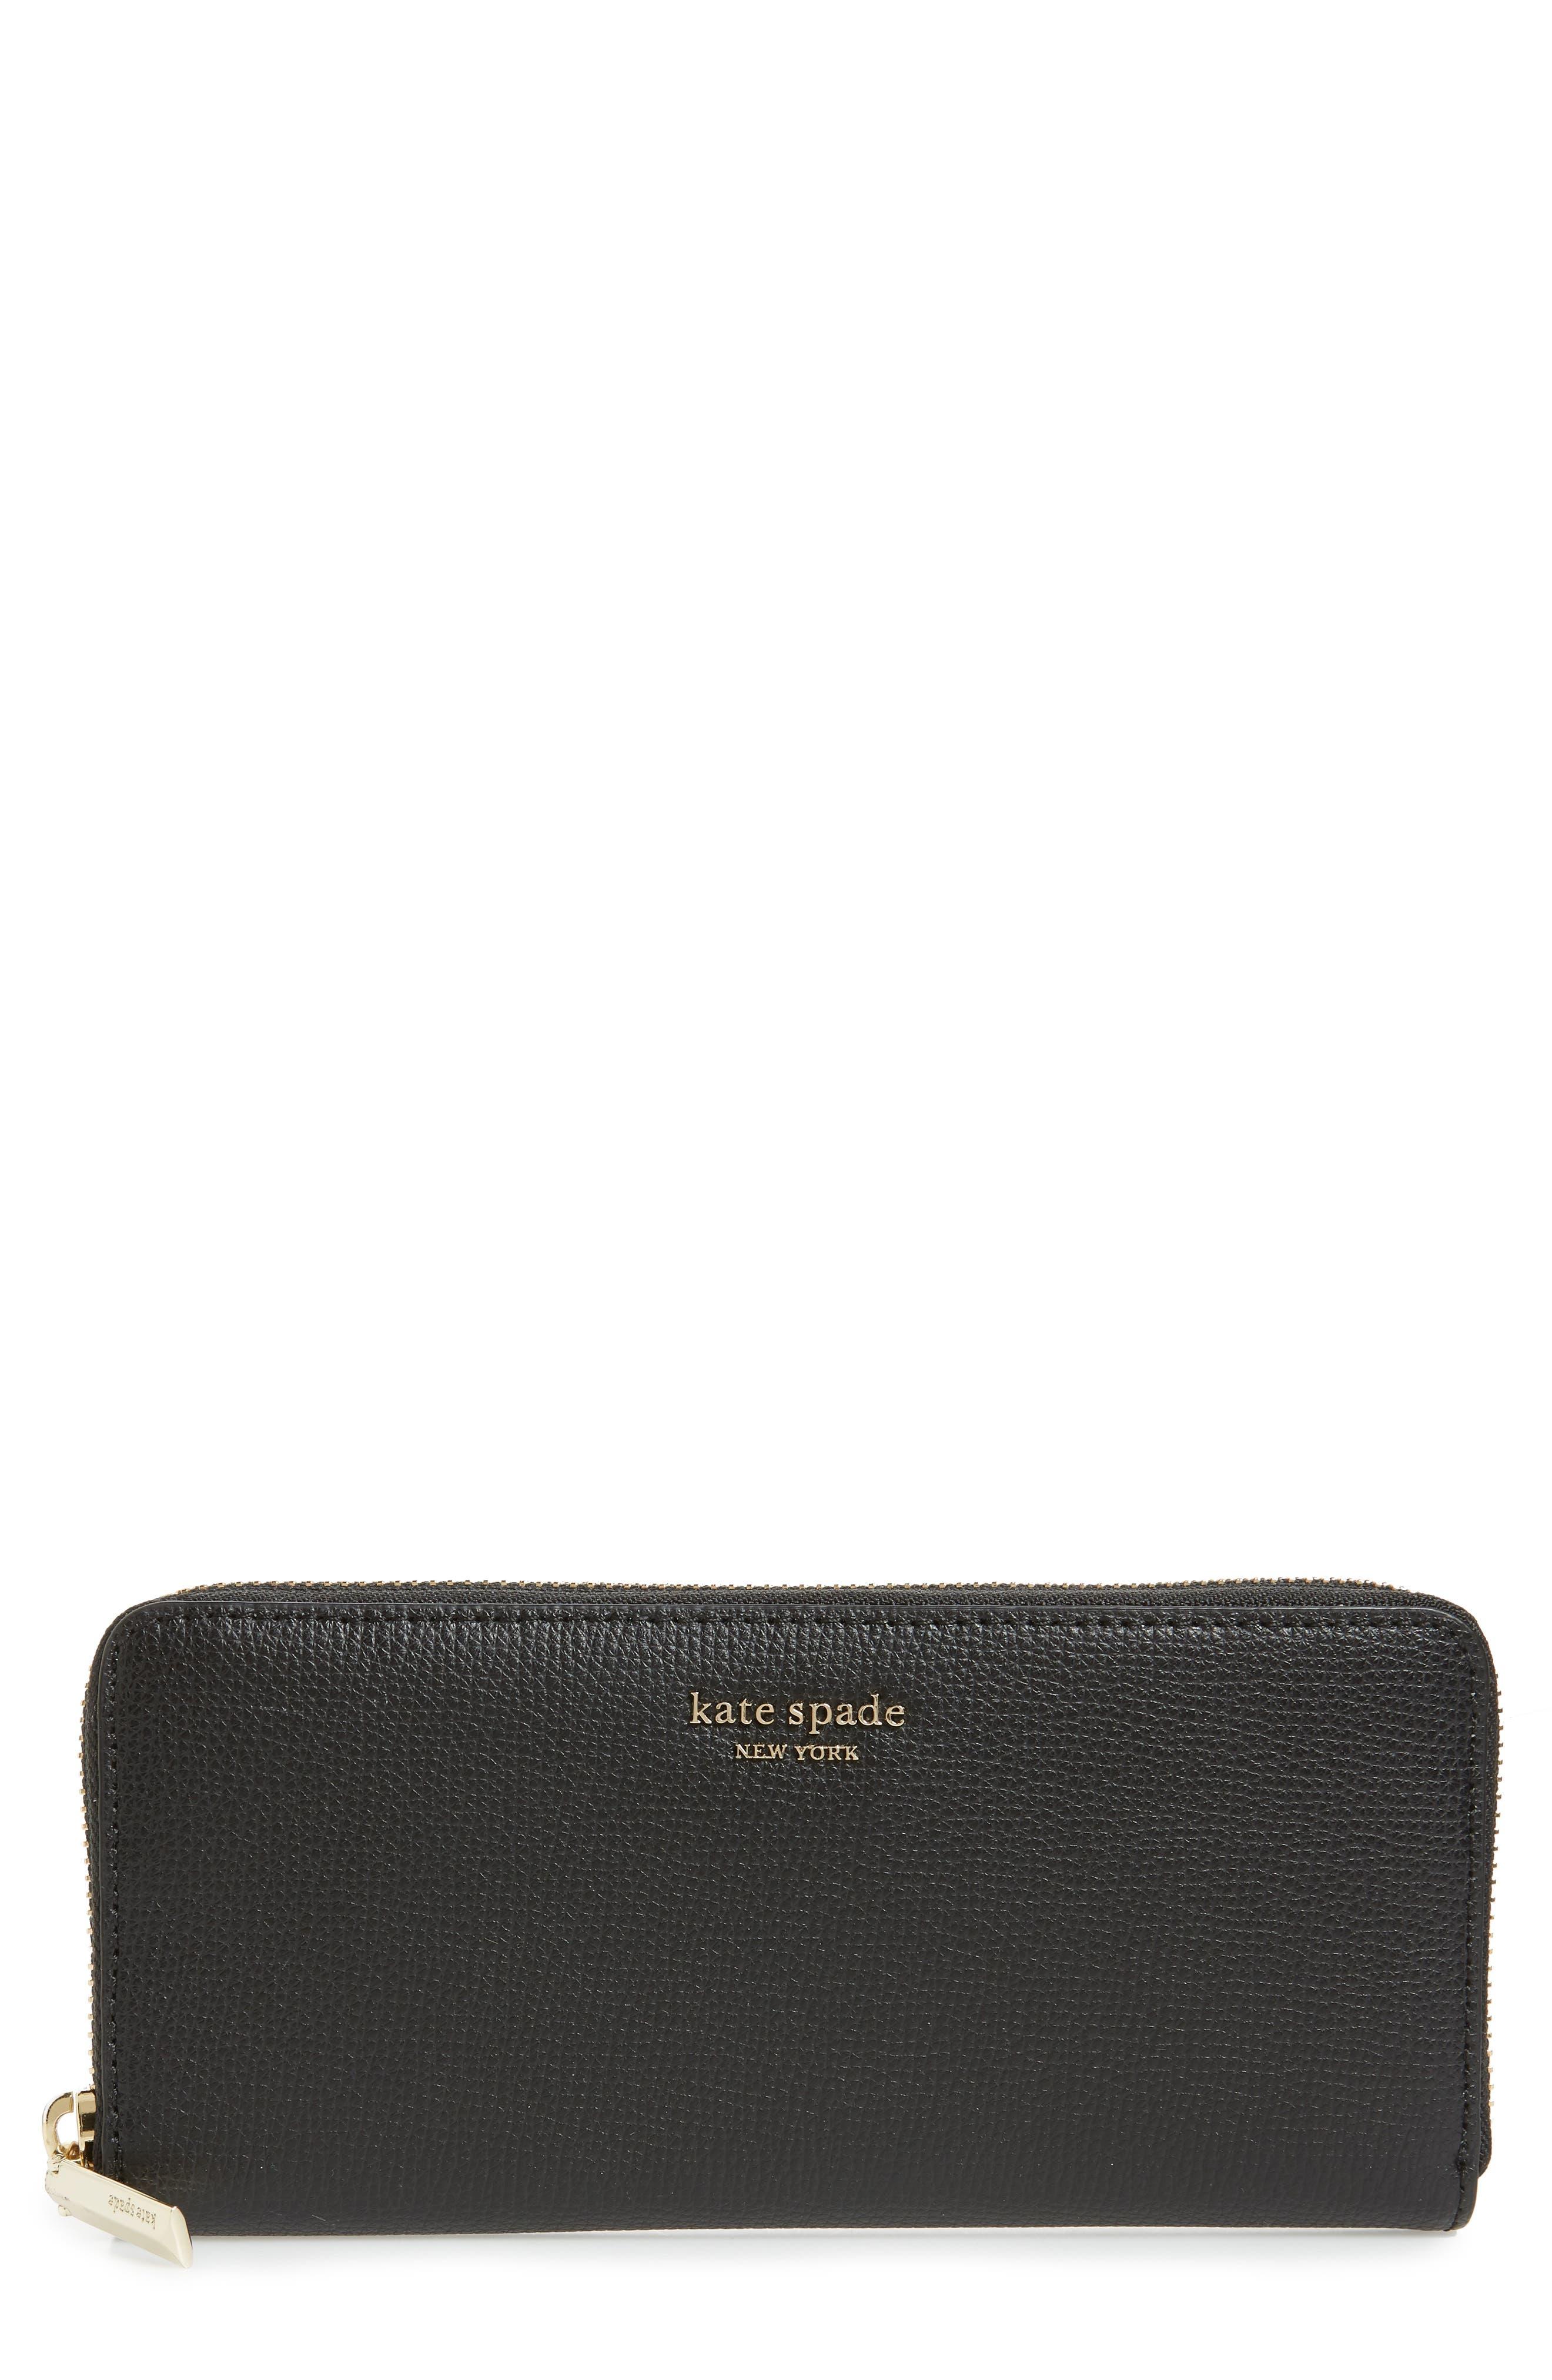 KATE SPADE NEW YORK, sylvia slim continental wallet, Main thumbnail 1, color, BLACK